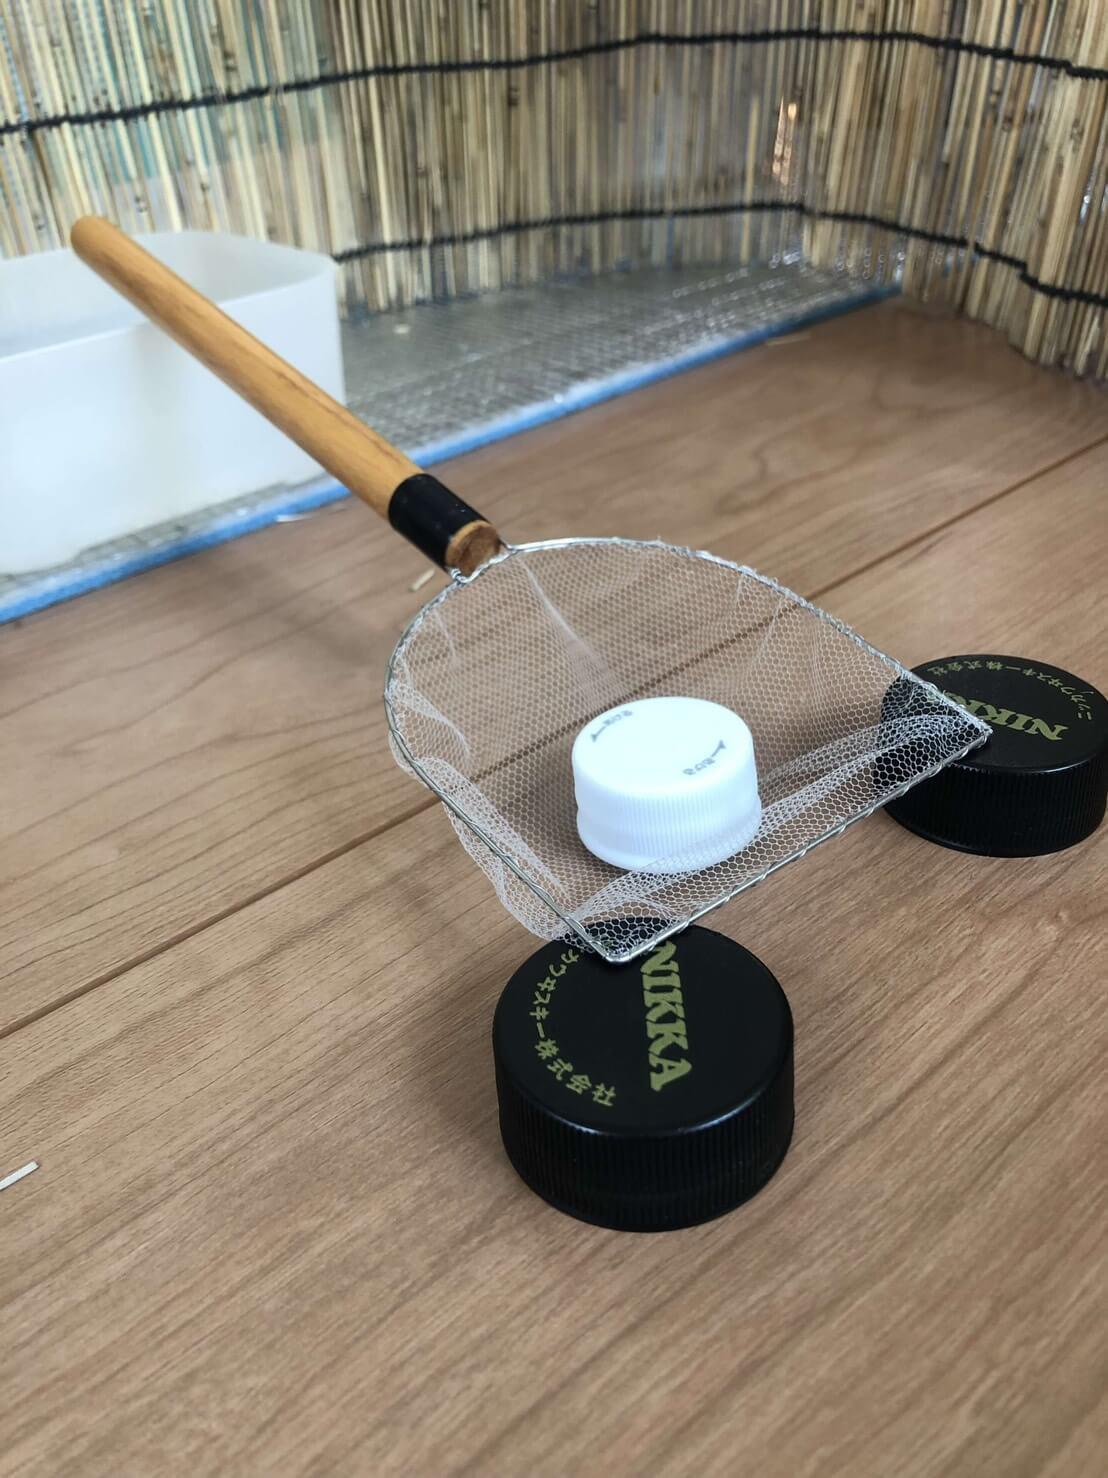 メダカ用のタモ網